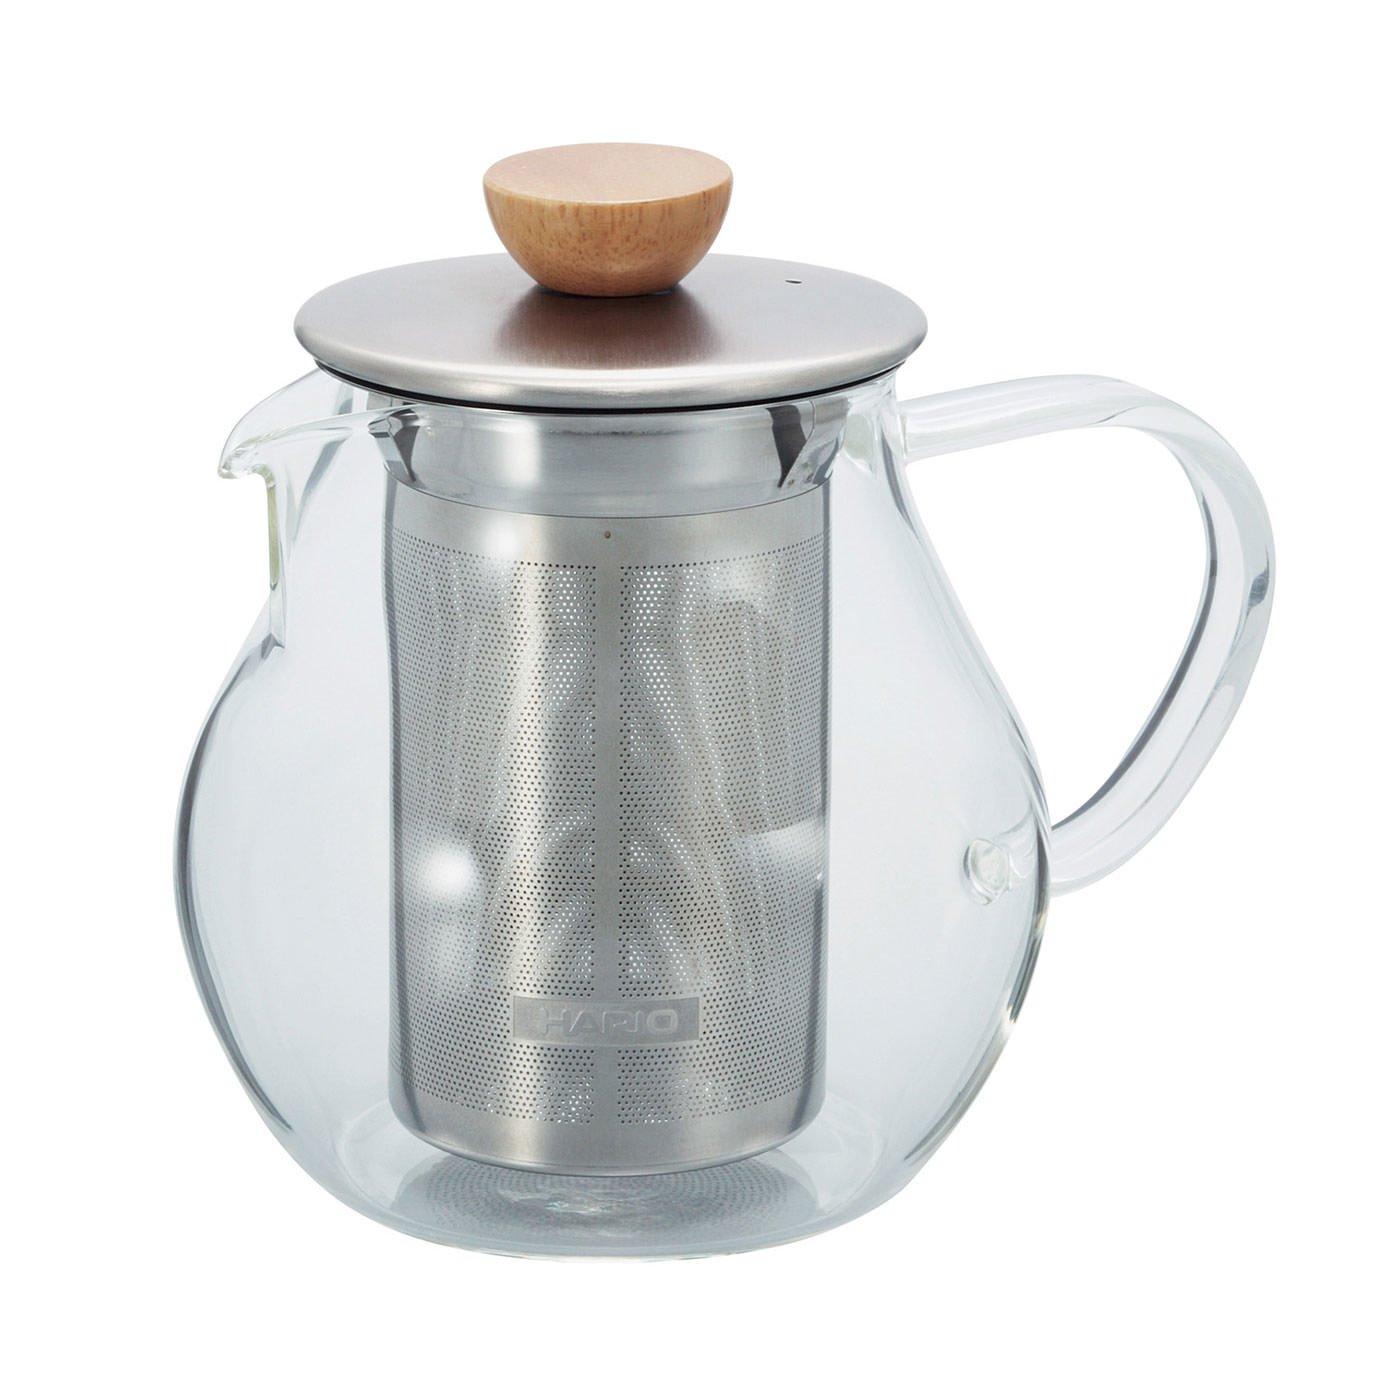 カジュアルにお茶を楽しむ ストレーナー付きティーピッチャー